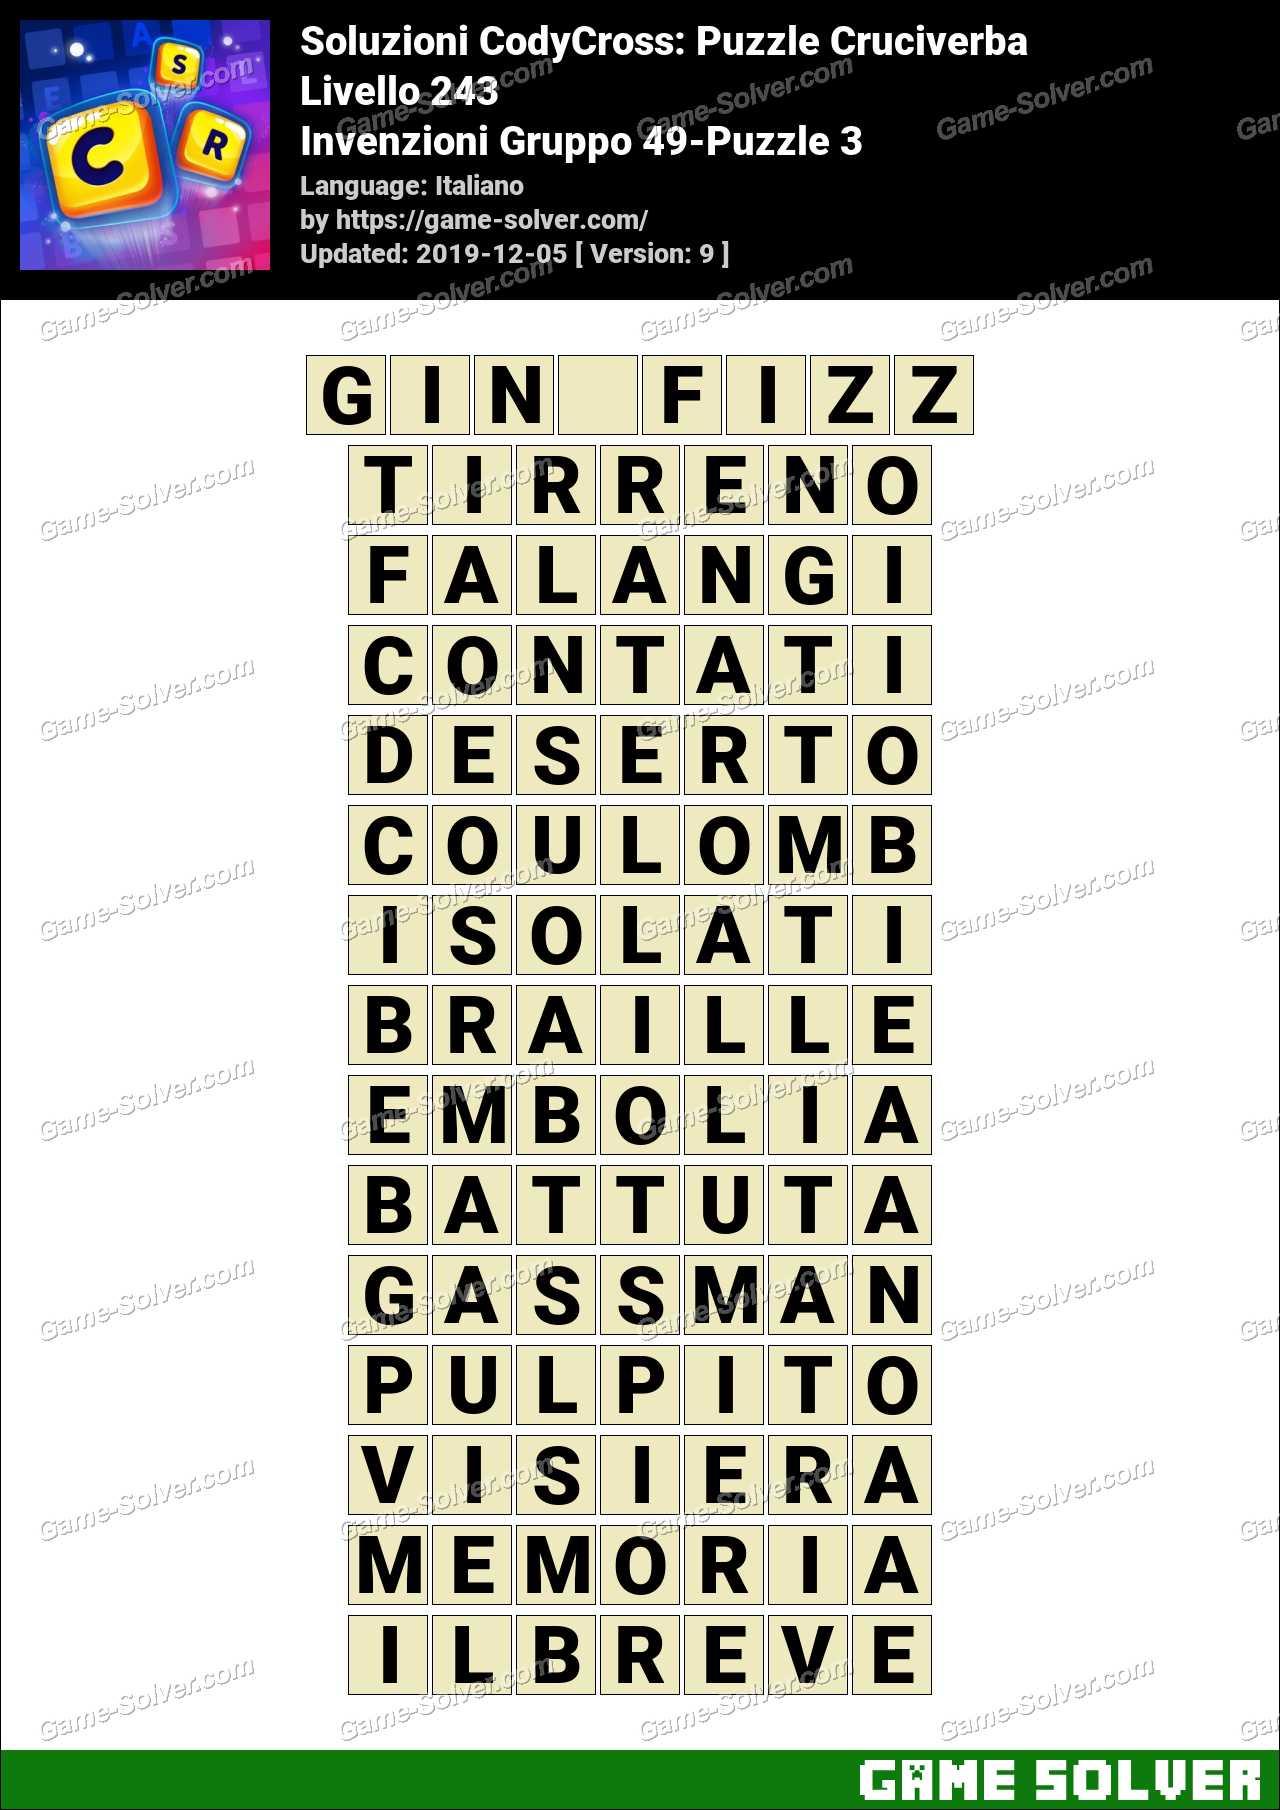 Soluzioni CodyCross Invenzioni Gruppo 49-Puzzle 3